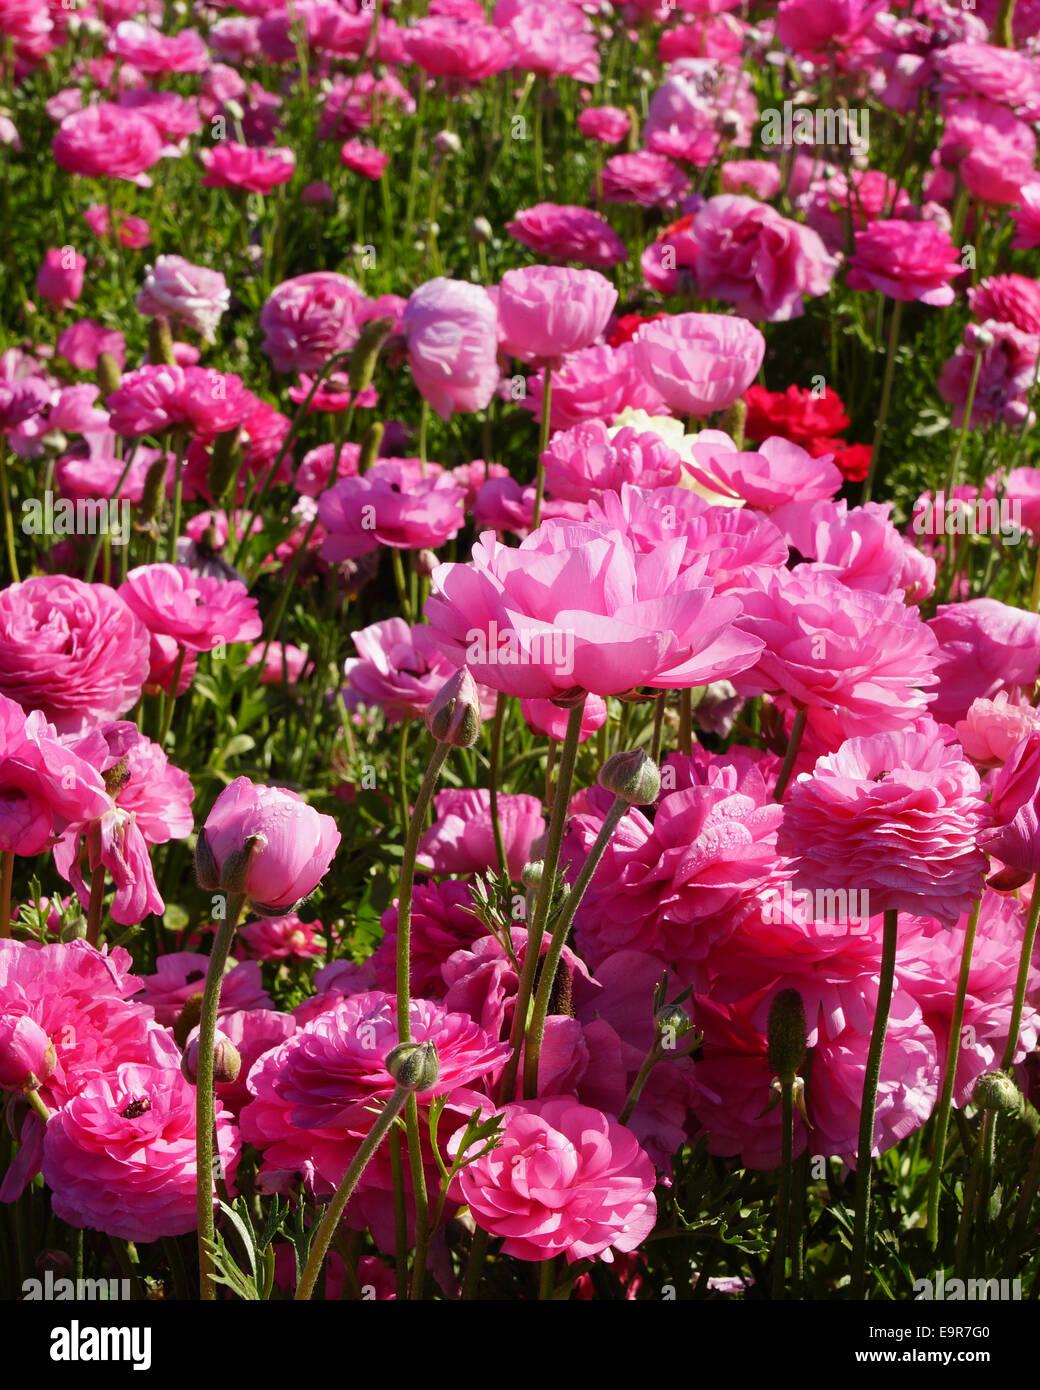 Pink flower fields at san diego california stock photo 74884208 pink flower fields at san diego california mightylinksfo